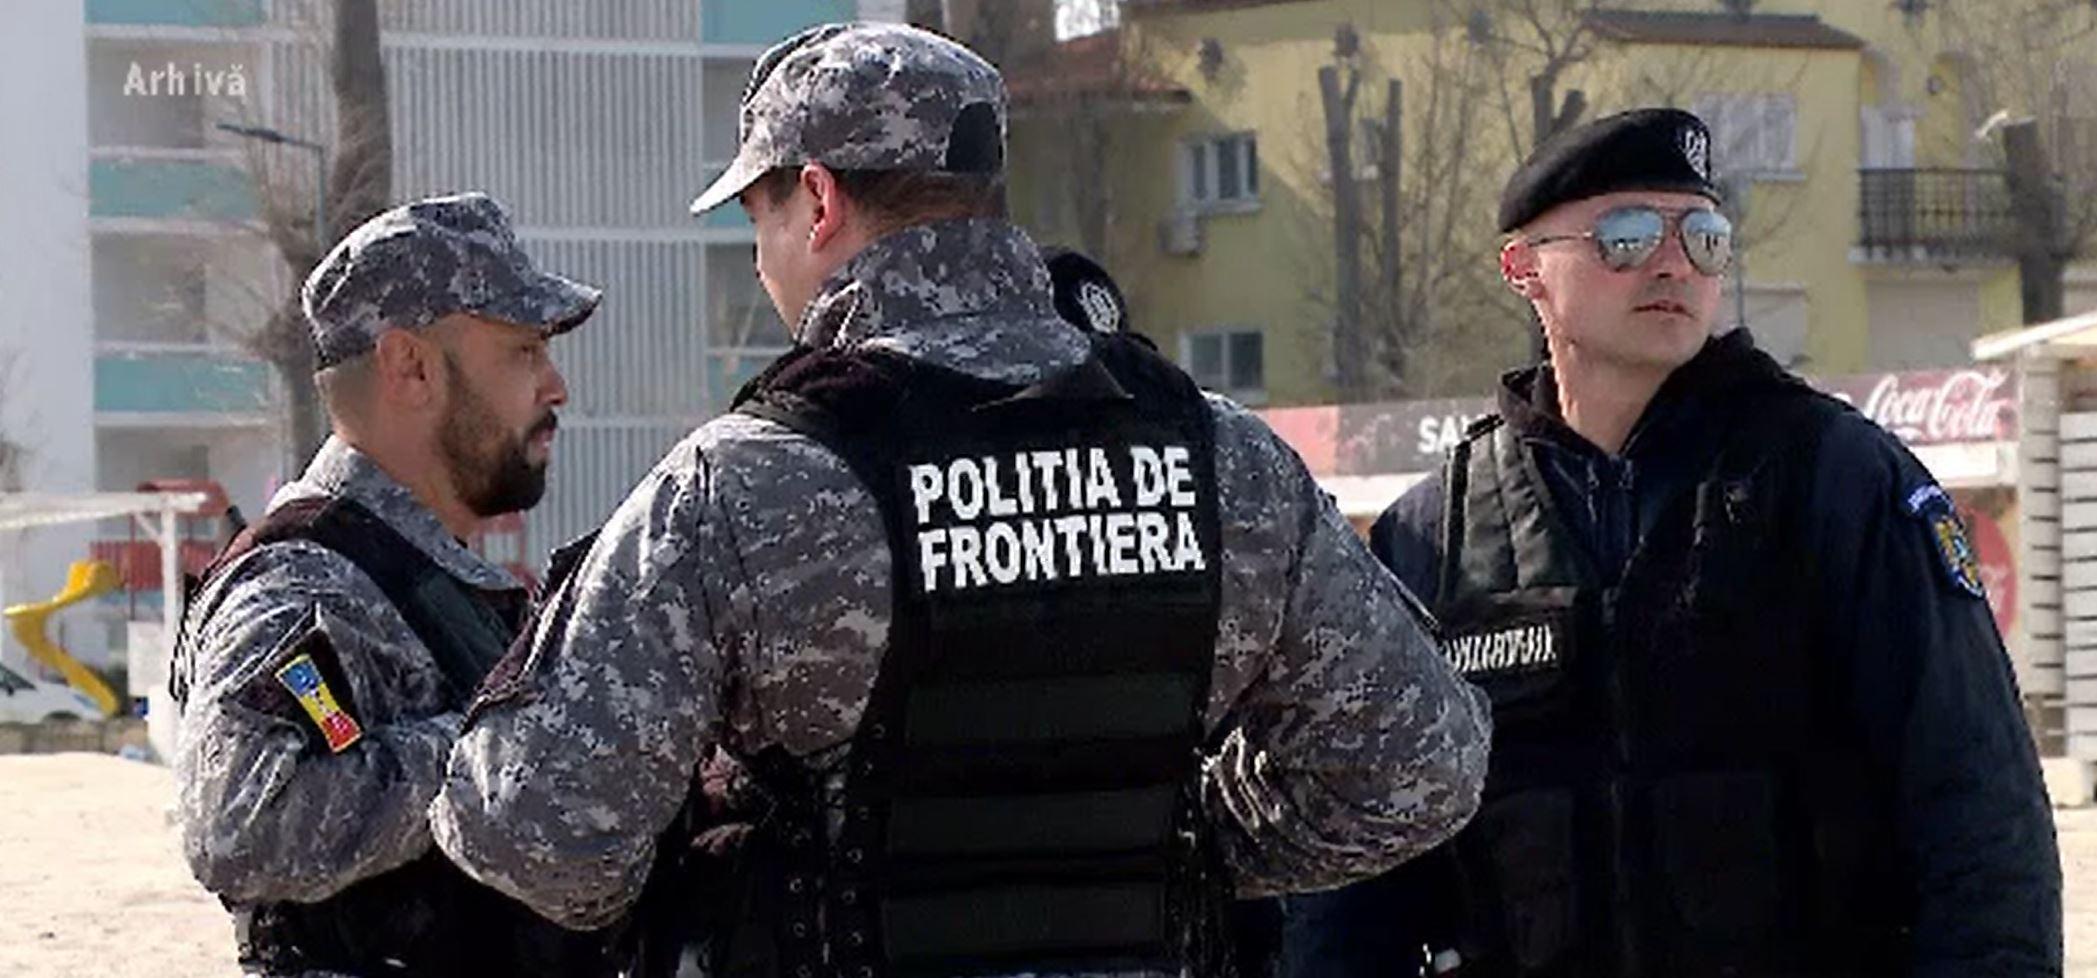 Au fost găsiți polițiștii de frontieră dispăruți în Maramureș. Ce s-a întâmplat cu ei